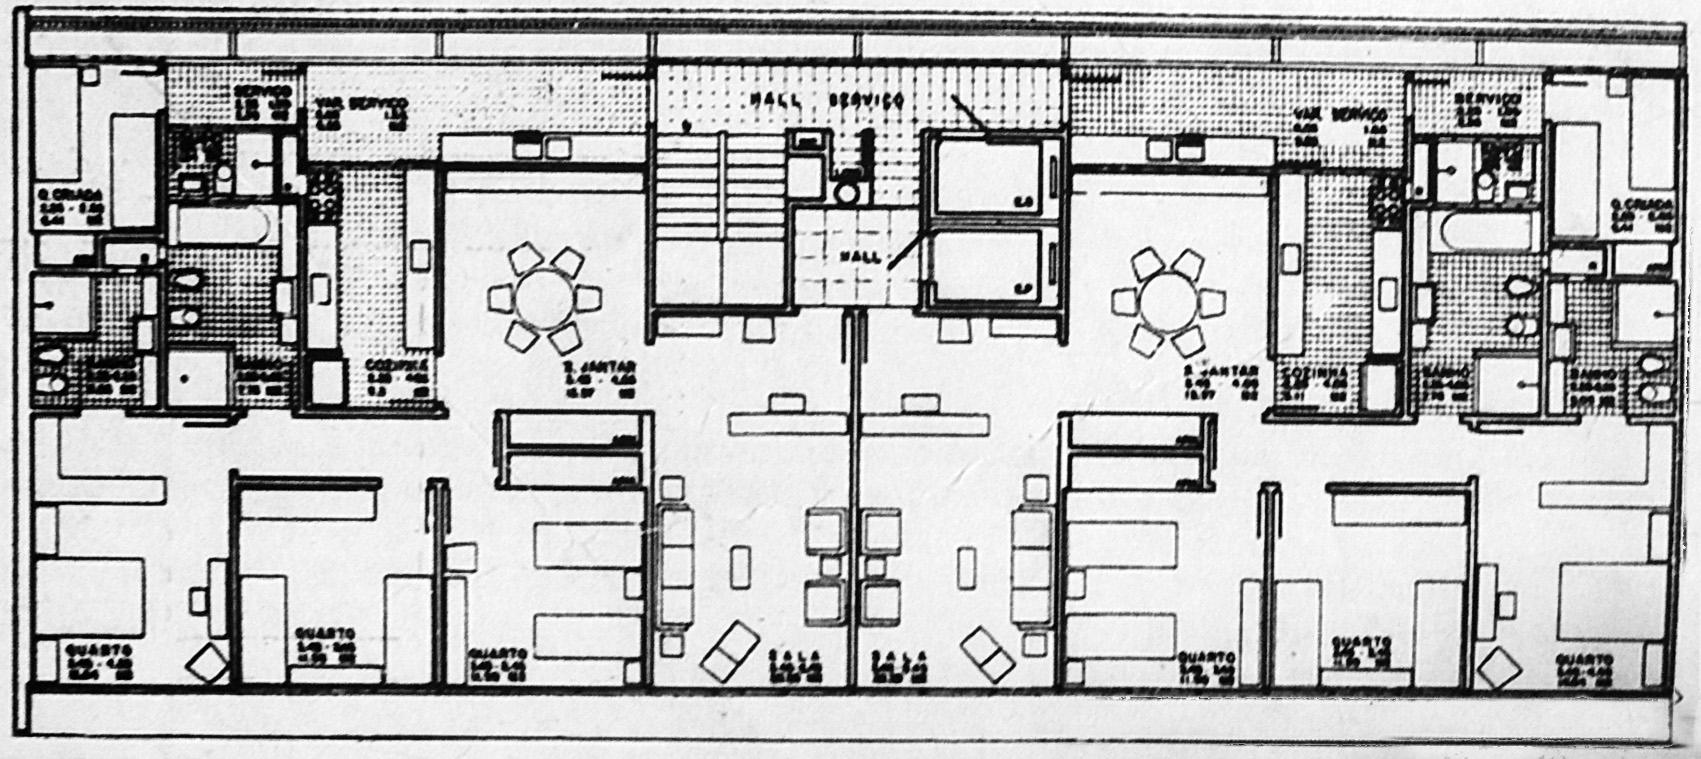 Planta de apartamento da SQS 308 (Marcelo Campello e Sérgio Rocha, 1959). Fonte - Revista Módulo n° 17, 1960, p.20